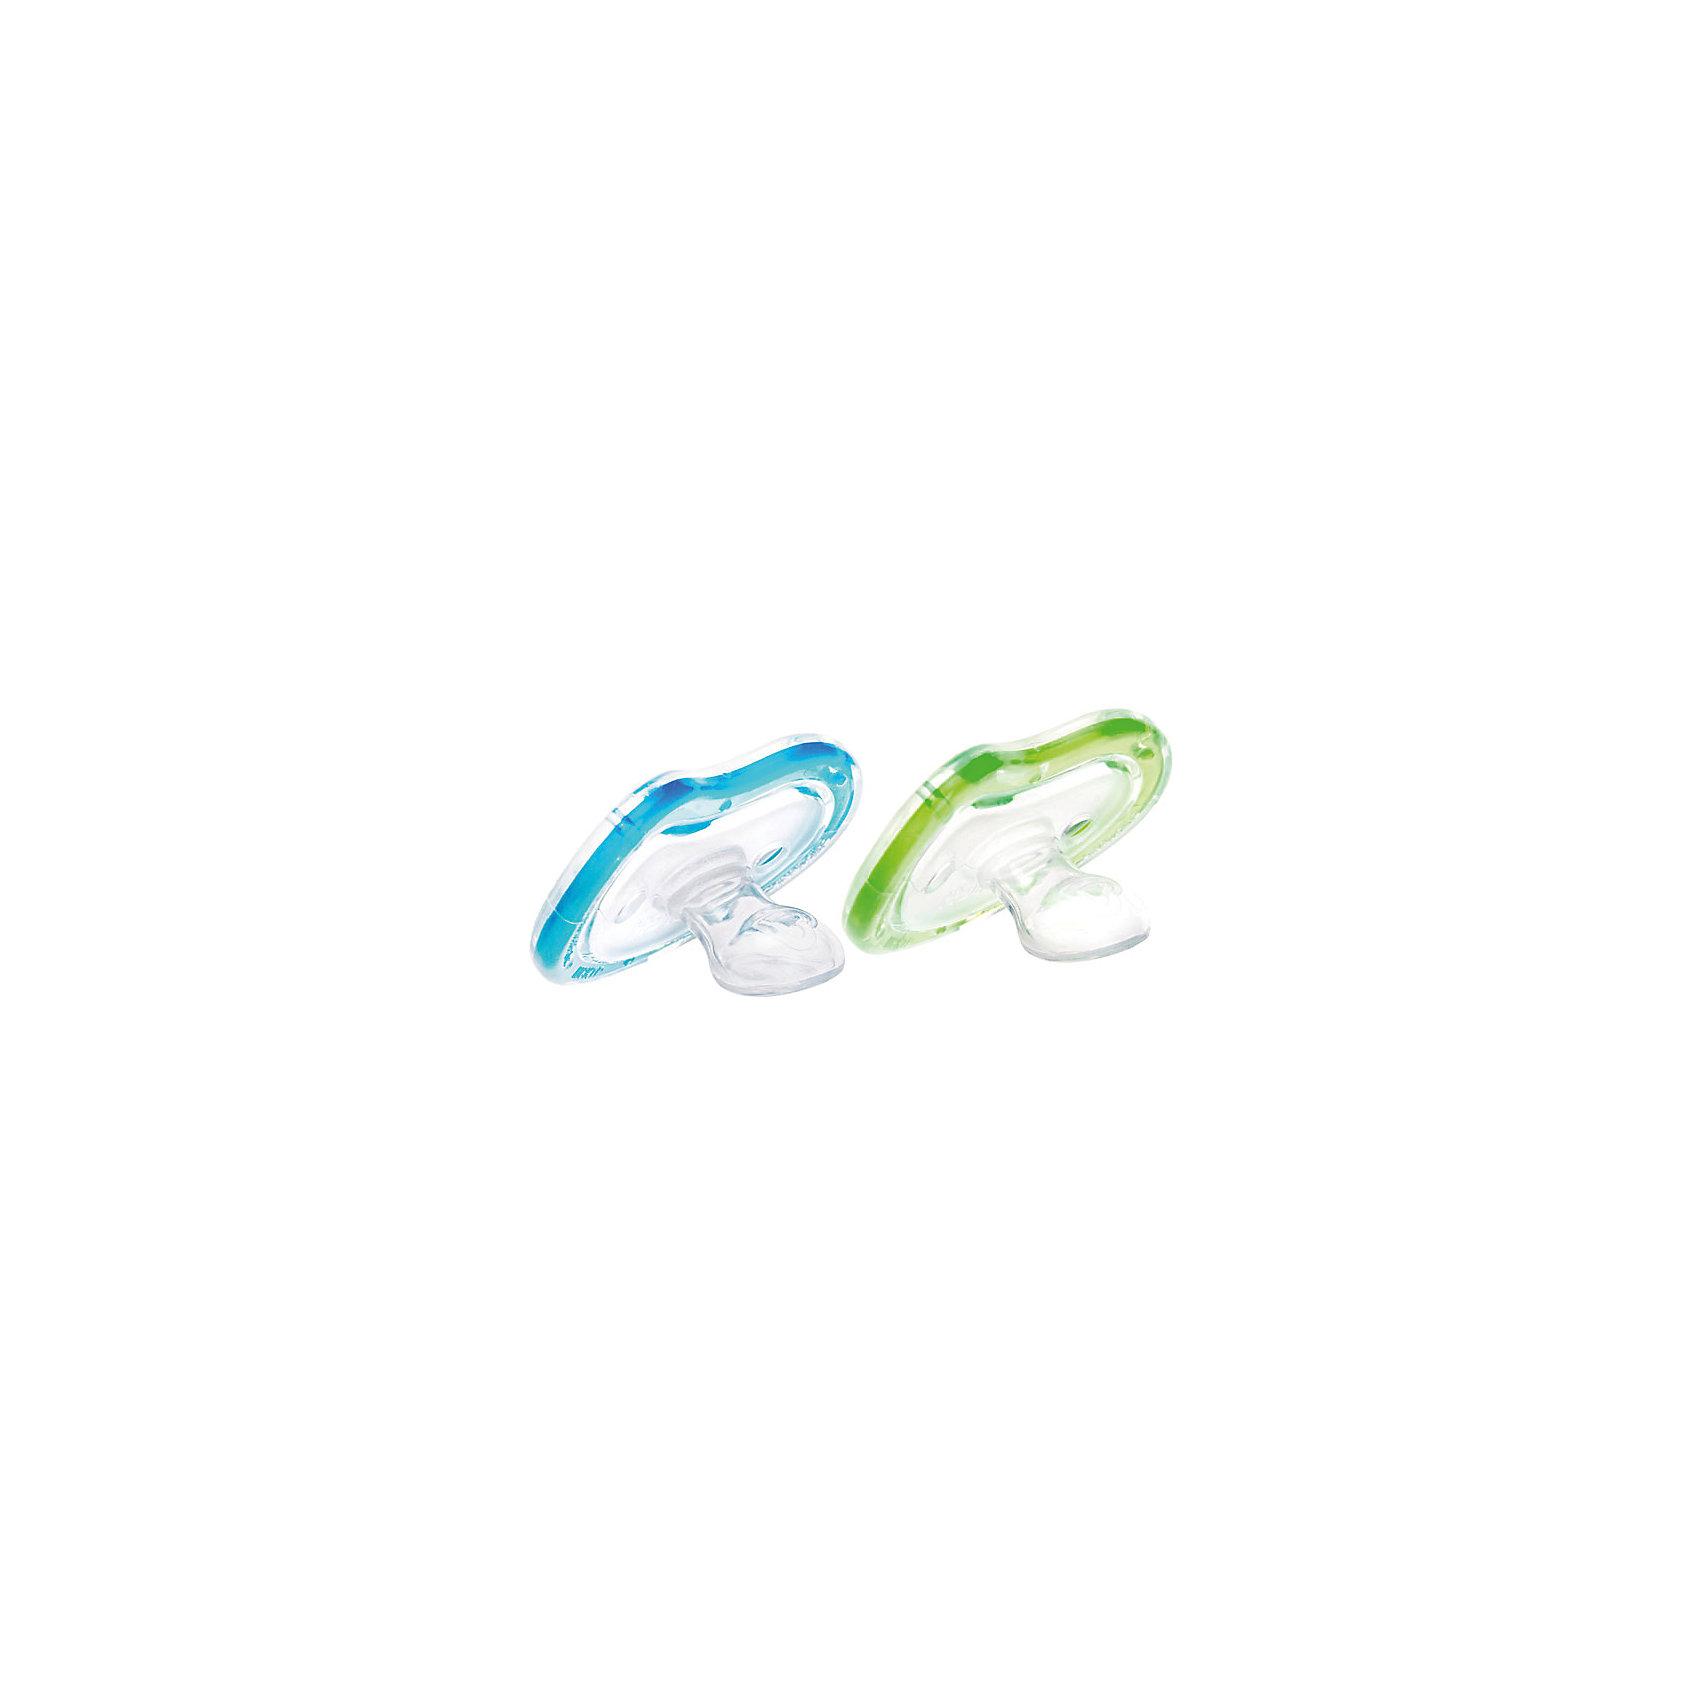 Пустышка силиконовая LATCH , 2шт., MunchkinСиликоновые пустышки<br>Пустышка силиконовая LATCH , 2шт., Munchkin (Манчкин)<br><br>Характеристики:<br><br>• повторяет форму материнской груди<br>• легкая и удобная<br>• помогает зубам формироваться правильно<br>• диск не травмирует носик малыша<br>• не содержит бисфенол А<br>• подходит для детей с 3 месяцев<br>• материал: силикон<br>• в комплекте: 2 пустышки<br>• размер упаковки: 12х6х13 см<br>• вес: 100 грамм<br><br>Пустышки LATCH рекомендованы для детей с трех до шести месяцев. Соска из силикона имеет форму, напоминающую сосок женской груди. Она поможет зубам правильно формироваться. Основание пустышки имеет форму сердечка. Оно не давит и не травмирует носик крохи, позволяя свободно дышать. Пустышки изготовлены из силикона, не содержат бисфенол А.<br><br>Пустышку силиконовую LATCH , 2шт., Munchkin (Манчкин) можно купить в нашем интернет-магазине.<br><br>Ширина мм: 120<br>Глубина мм: 130<br>Высота мм: 70<br>Вес г: 50<br>Возраст от месяцев: 3<br>Возраст до месяцев: 12<br>Пол: Унисекс<br>Возраст: Детский<br>SKU: 5507250